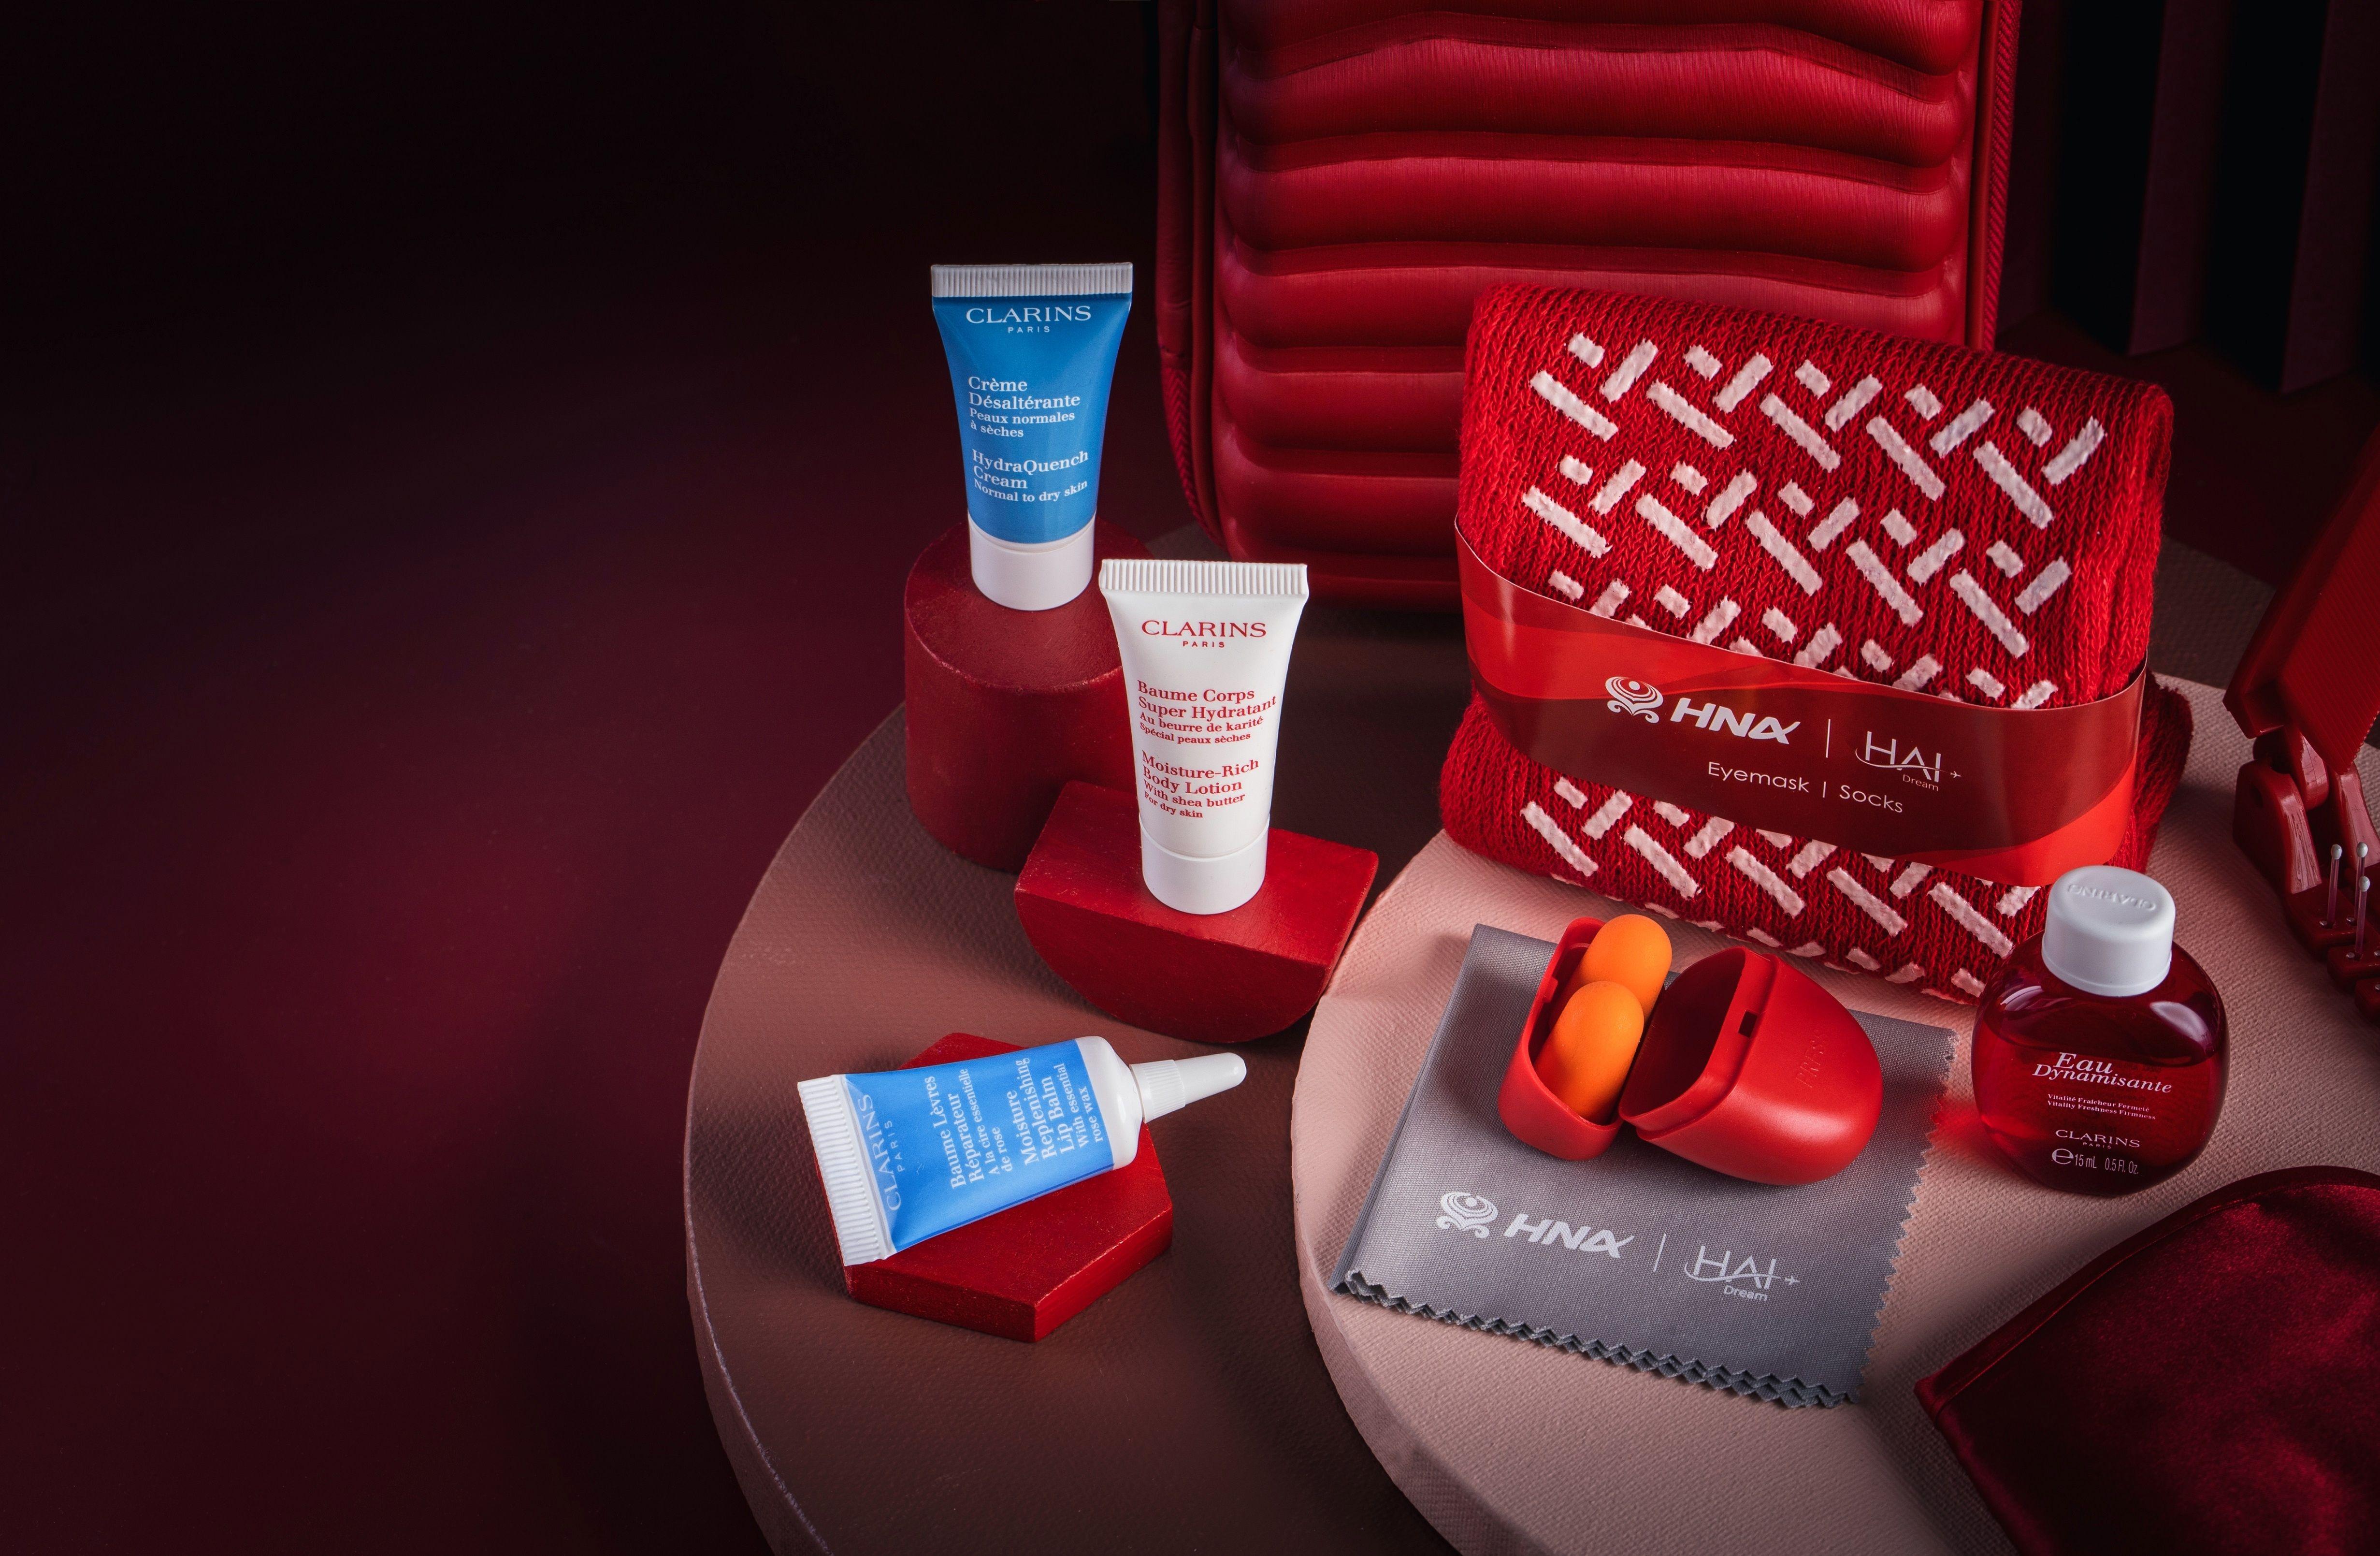 海南航空正式上线新春定制款洗护用品